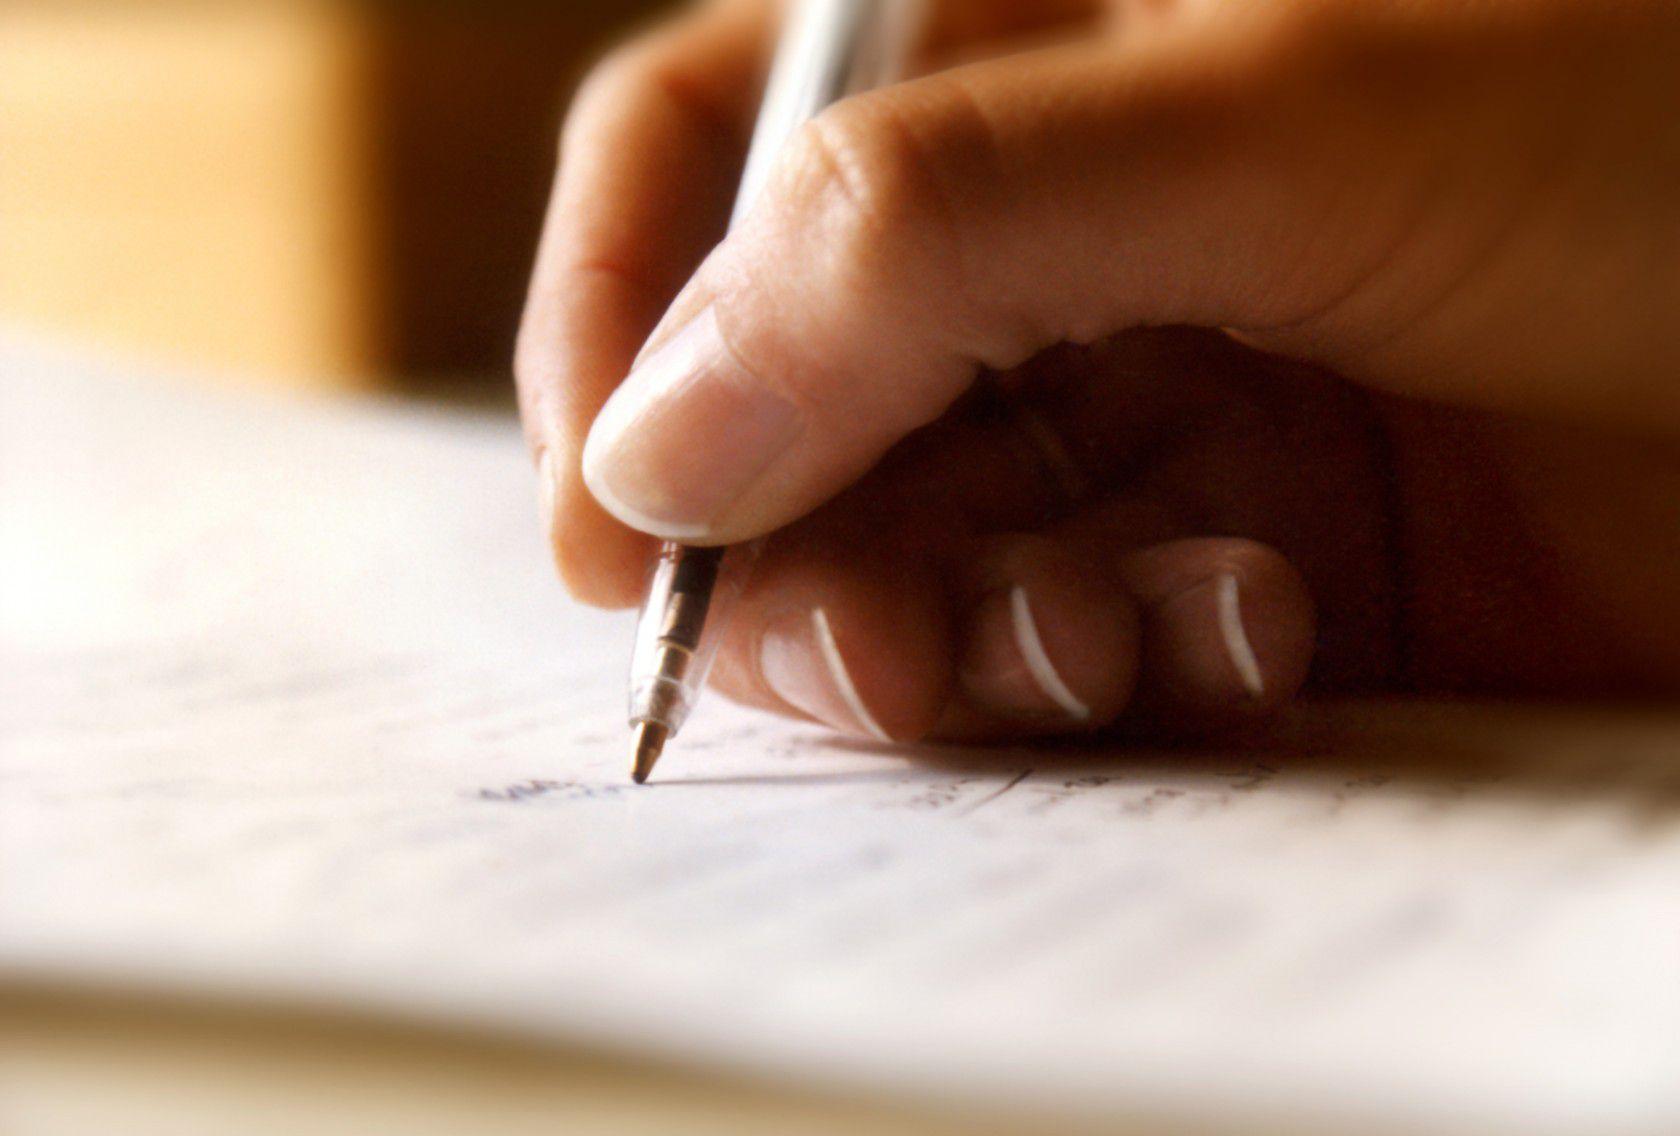 Eğitim Bakanlığı Avustralya Özel Okul Bursluluk Programları Hakkında Merak Edilen Detaylar